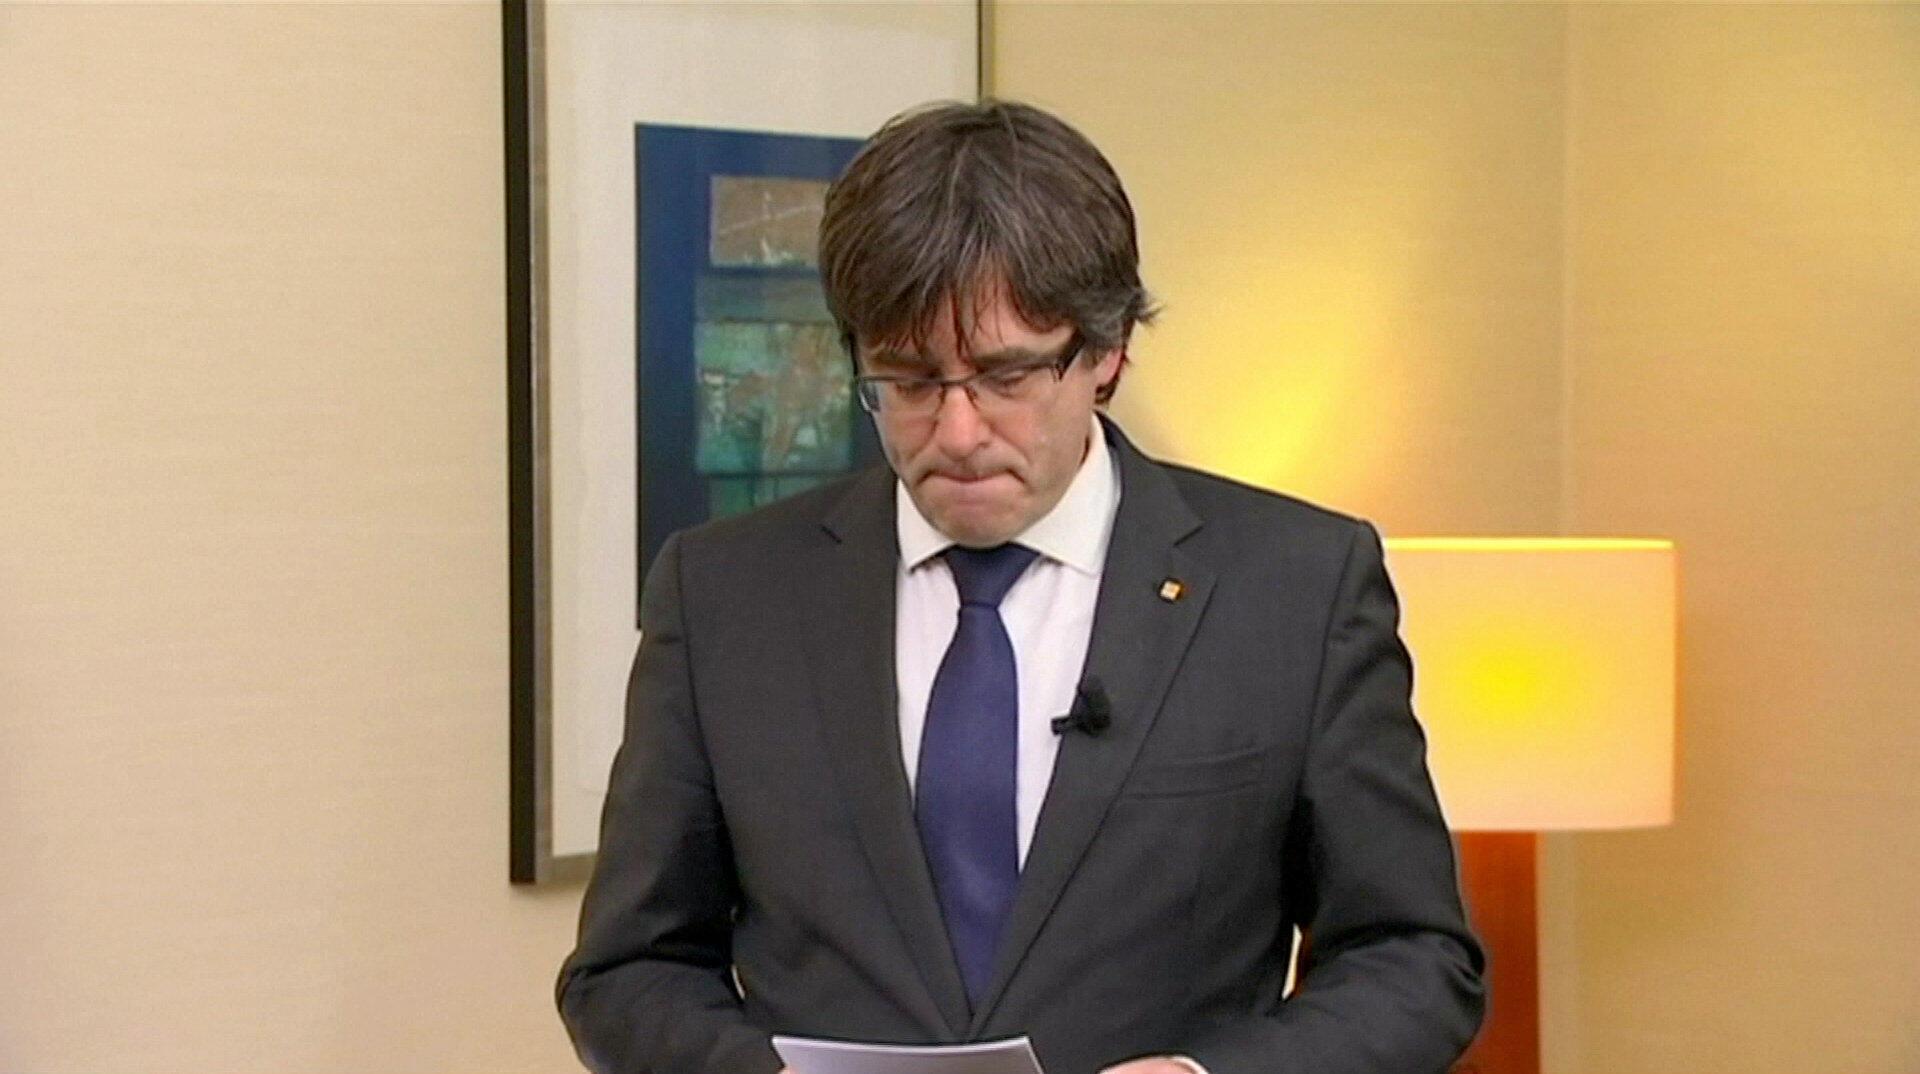 Карлес Пучдемон во время видеообращения из Брюсселя по поводу ареста каталонских министров, 3 ноября 2017 года.